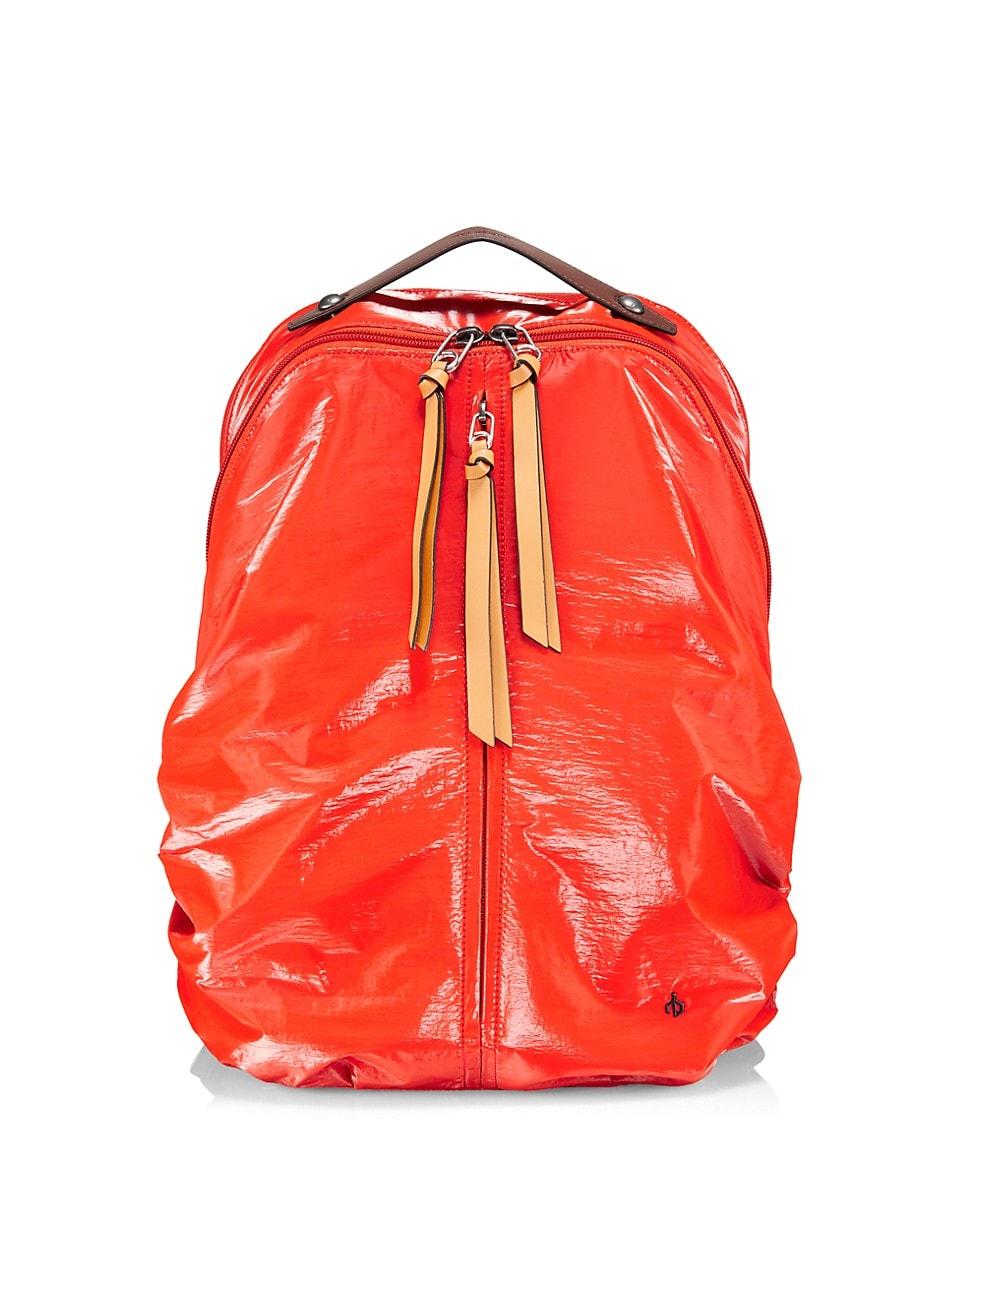 랙앤본 Rag & Bone Commuter Recycled Nylon Backpack,ORANGE